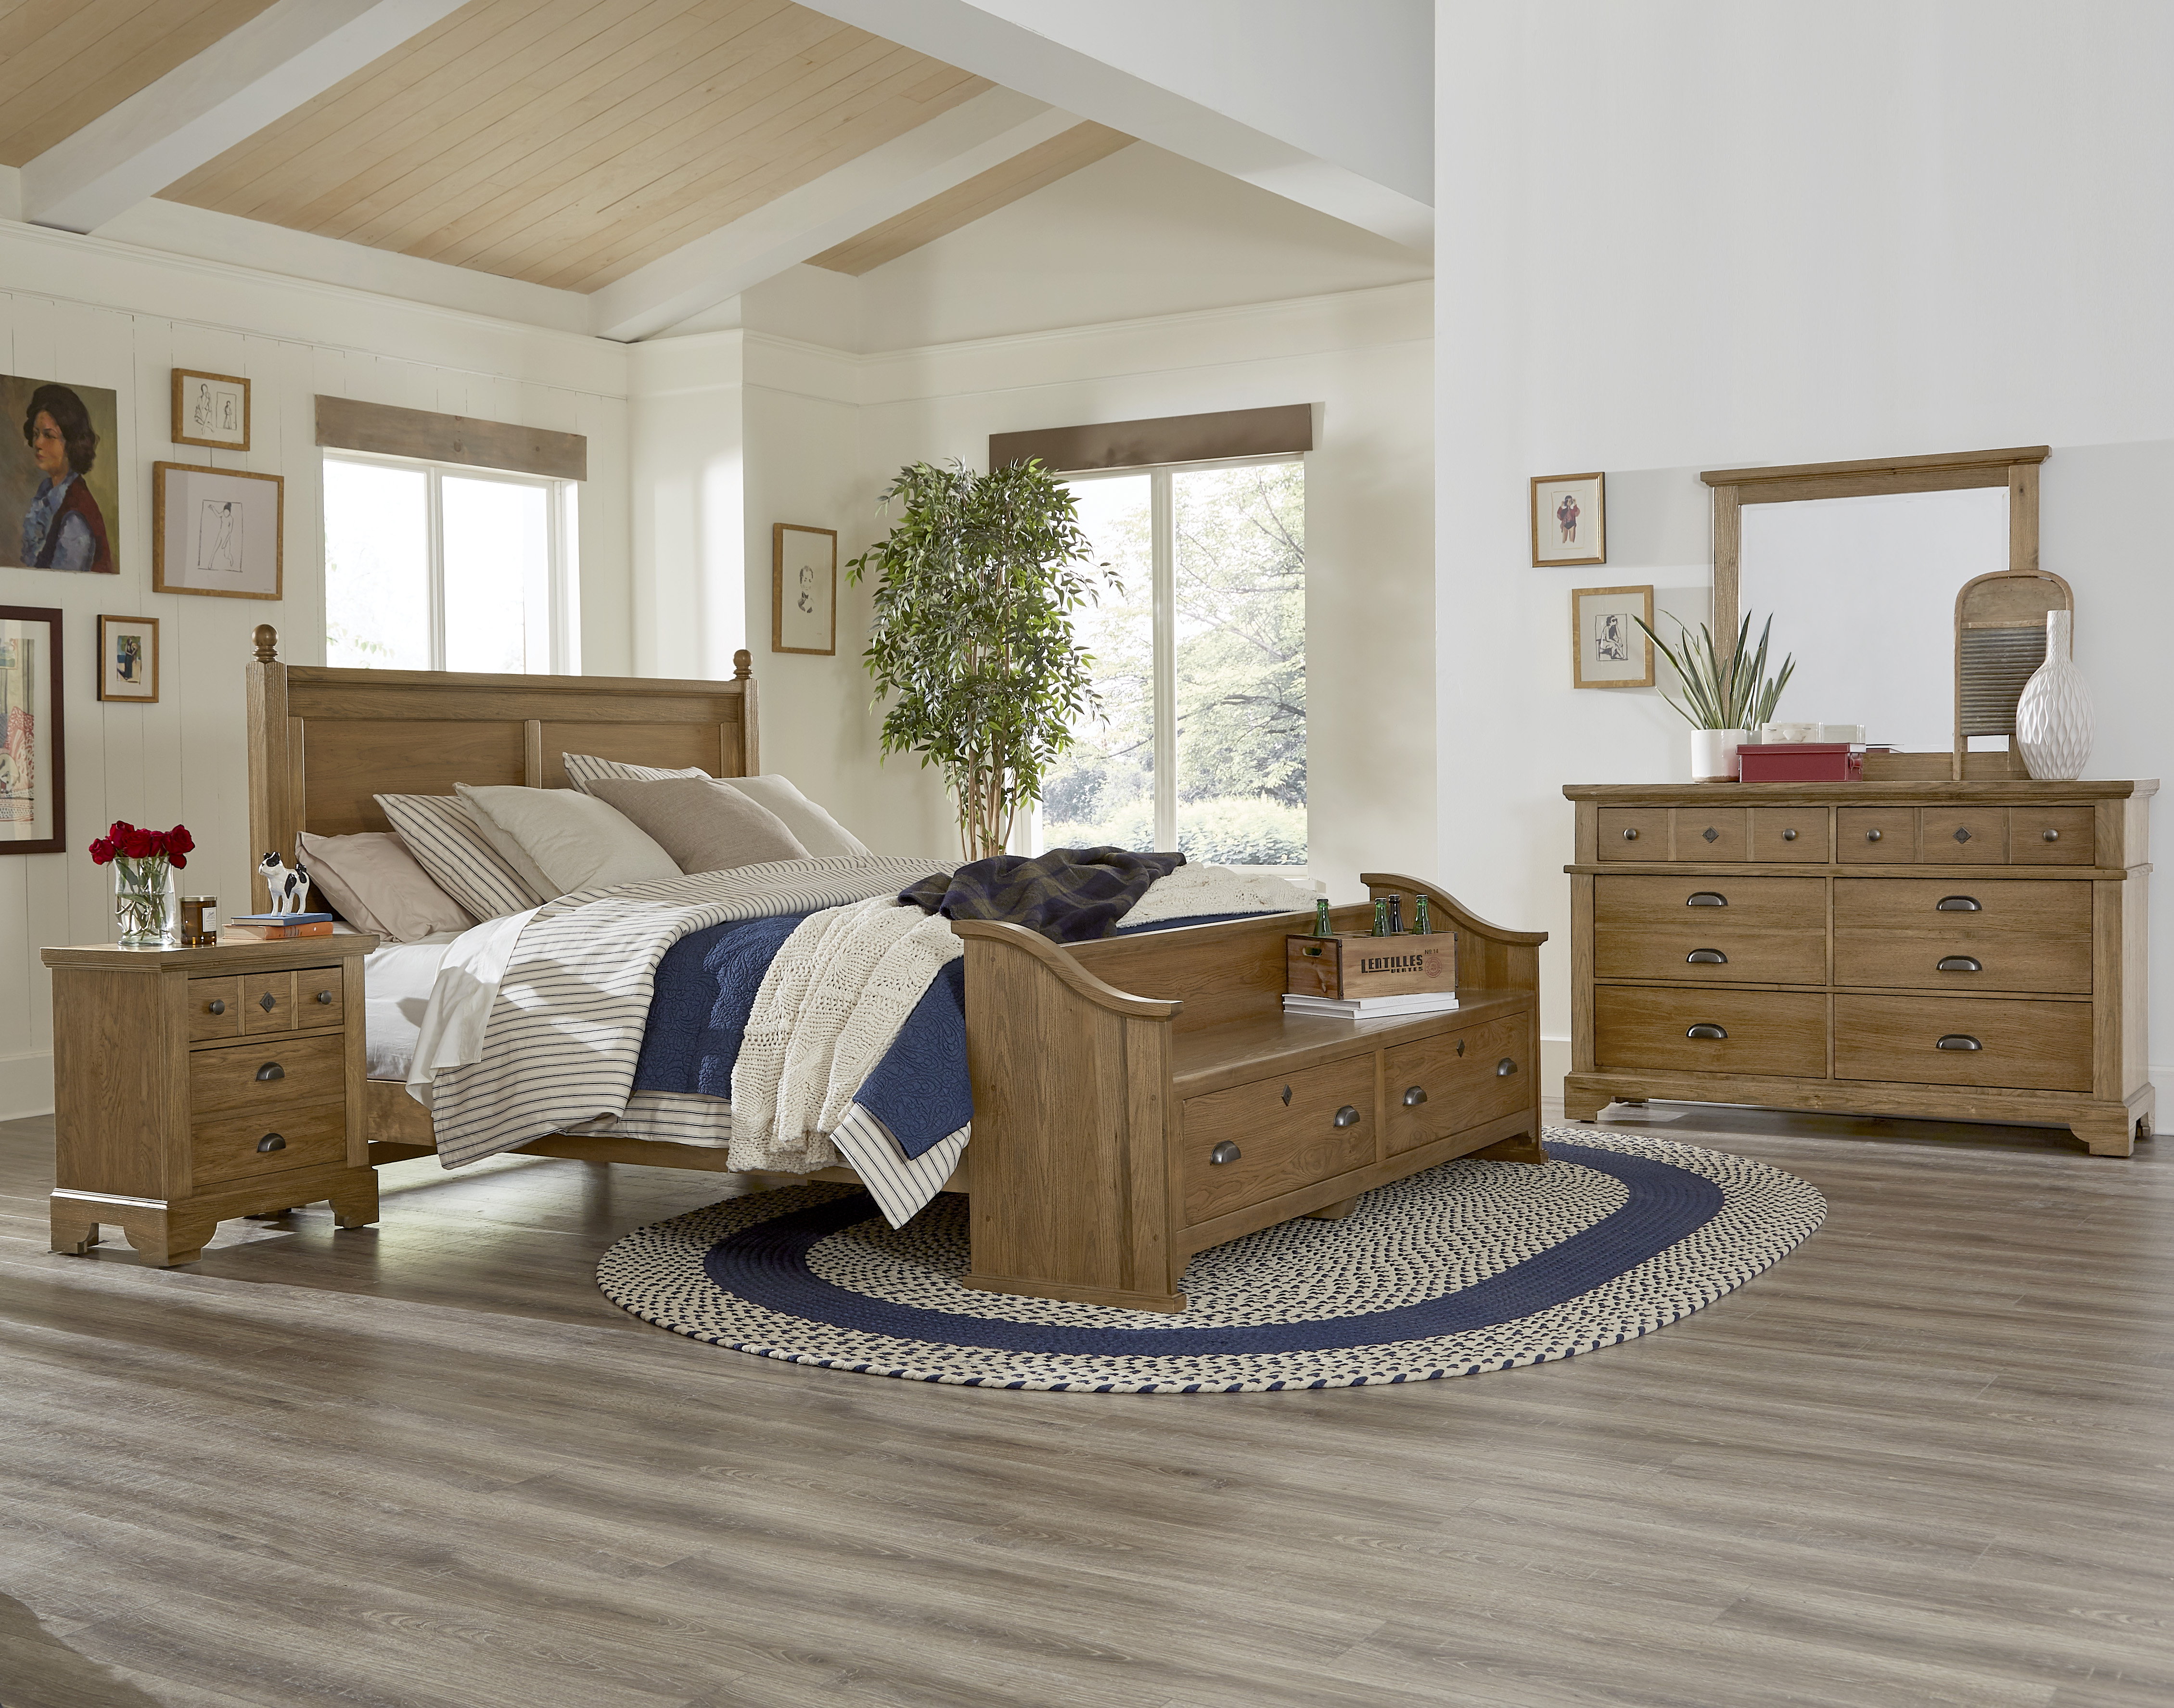 Laurel Home Bedroom